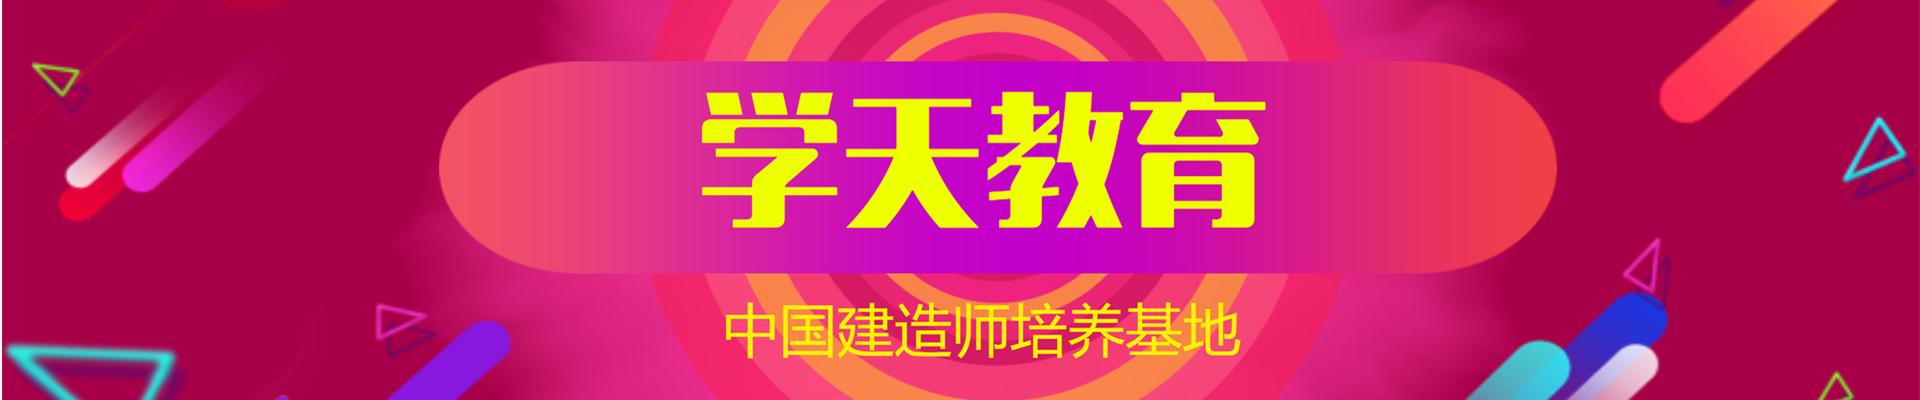 湖南长沙定王台街道学天教育培训